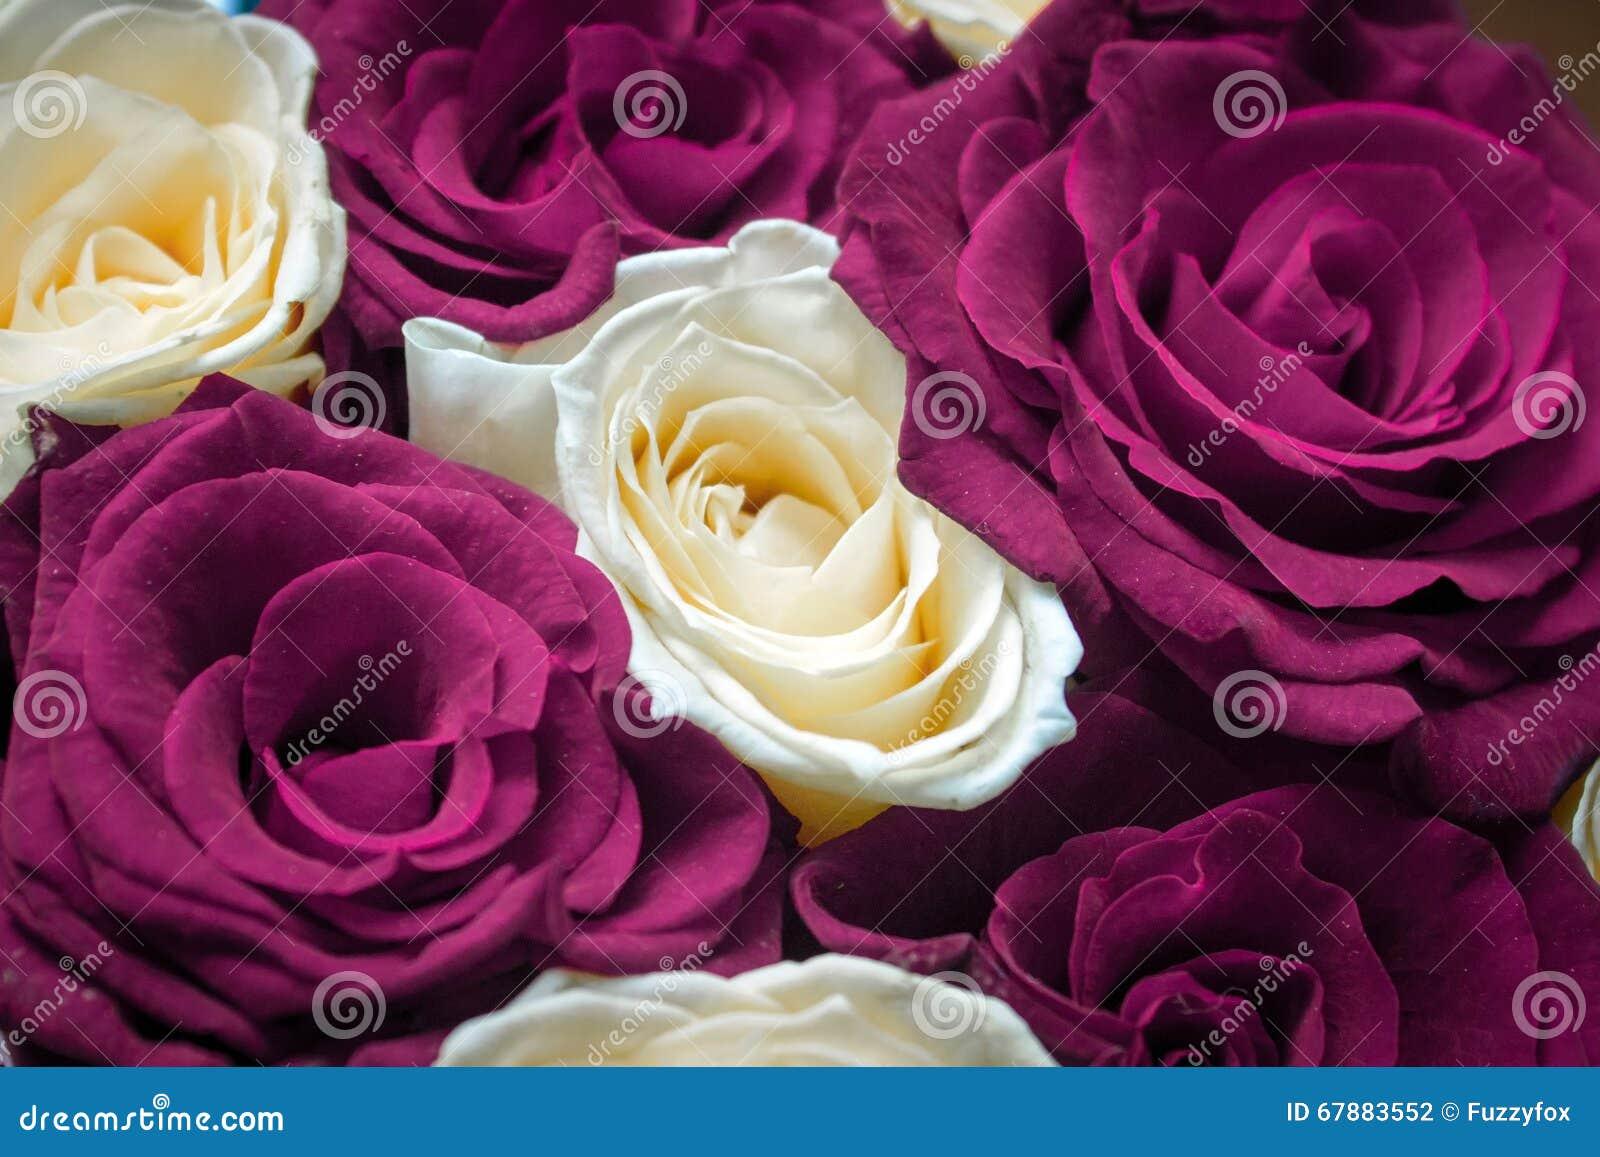 明信片的,日历红色和黄色花卉玫瑰背景